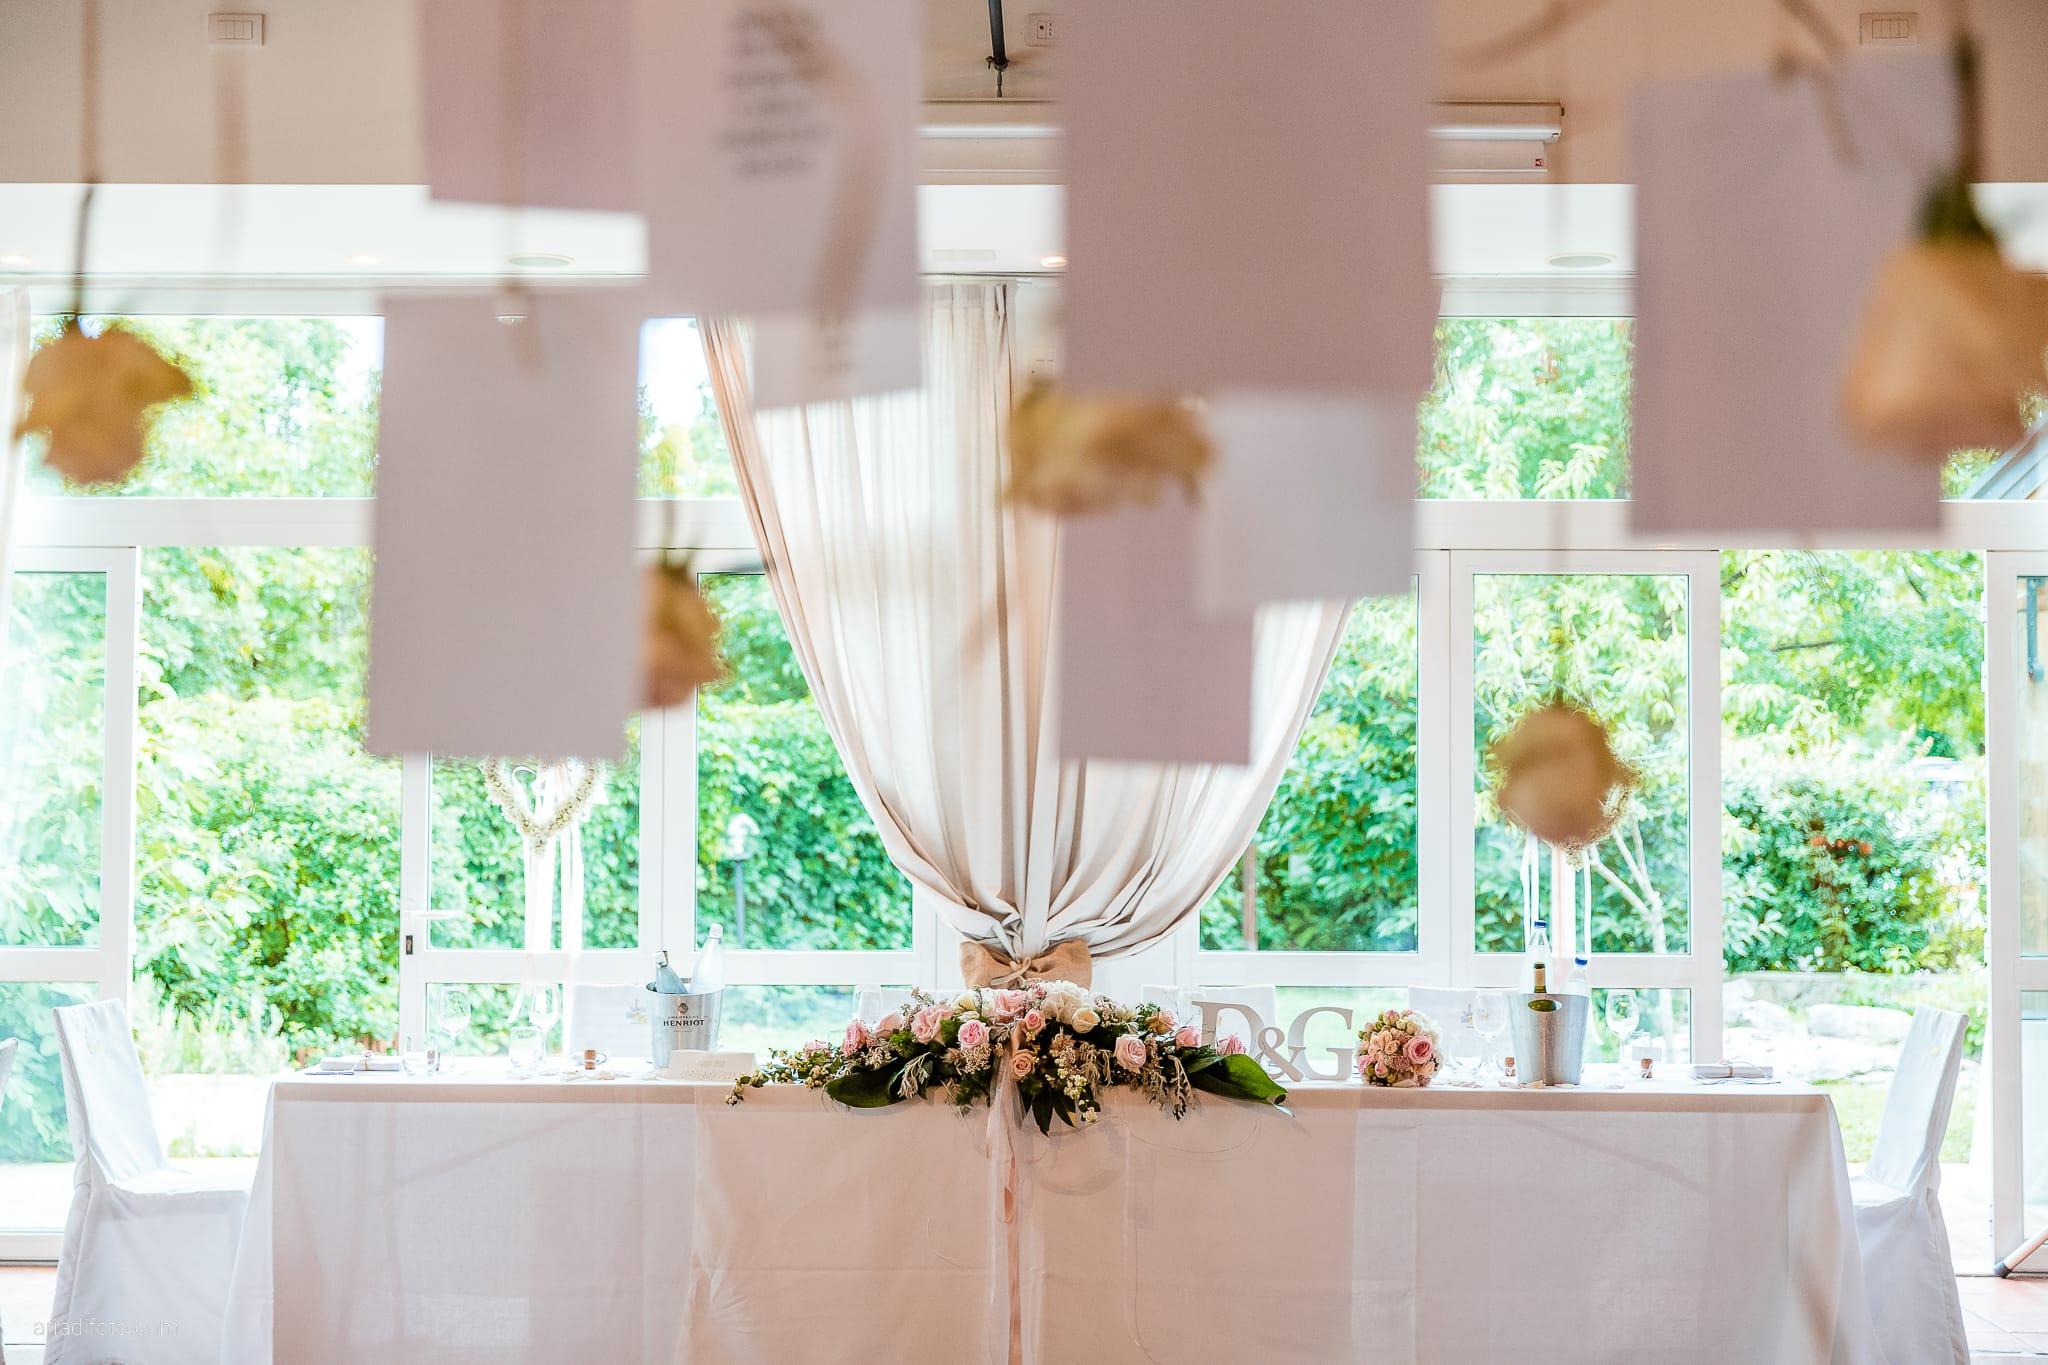 Giorgia Davide Matrimonio Villa Revoltella Salvia Rosmarino Trieste ricevimento dettagli tavolo fiori rose sala decorazioni centrotavola allestimenti